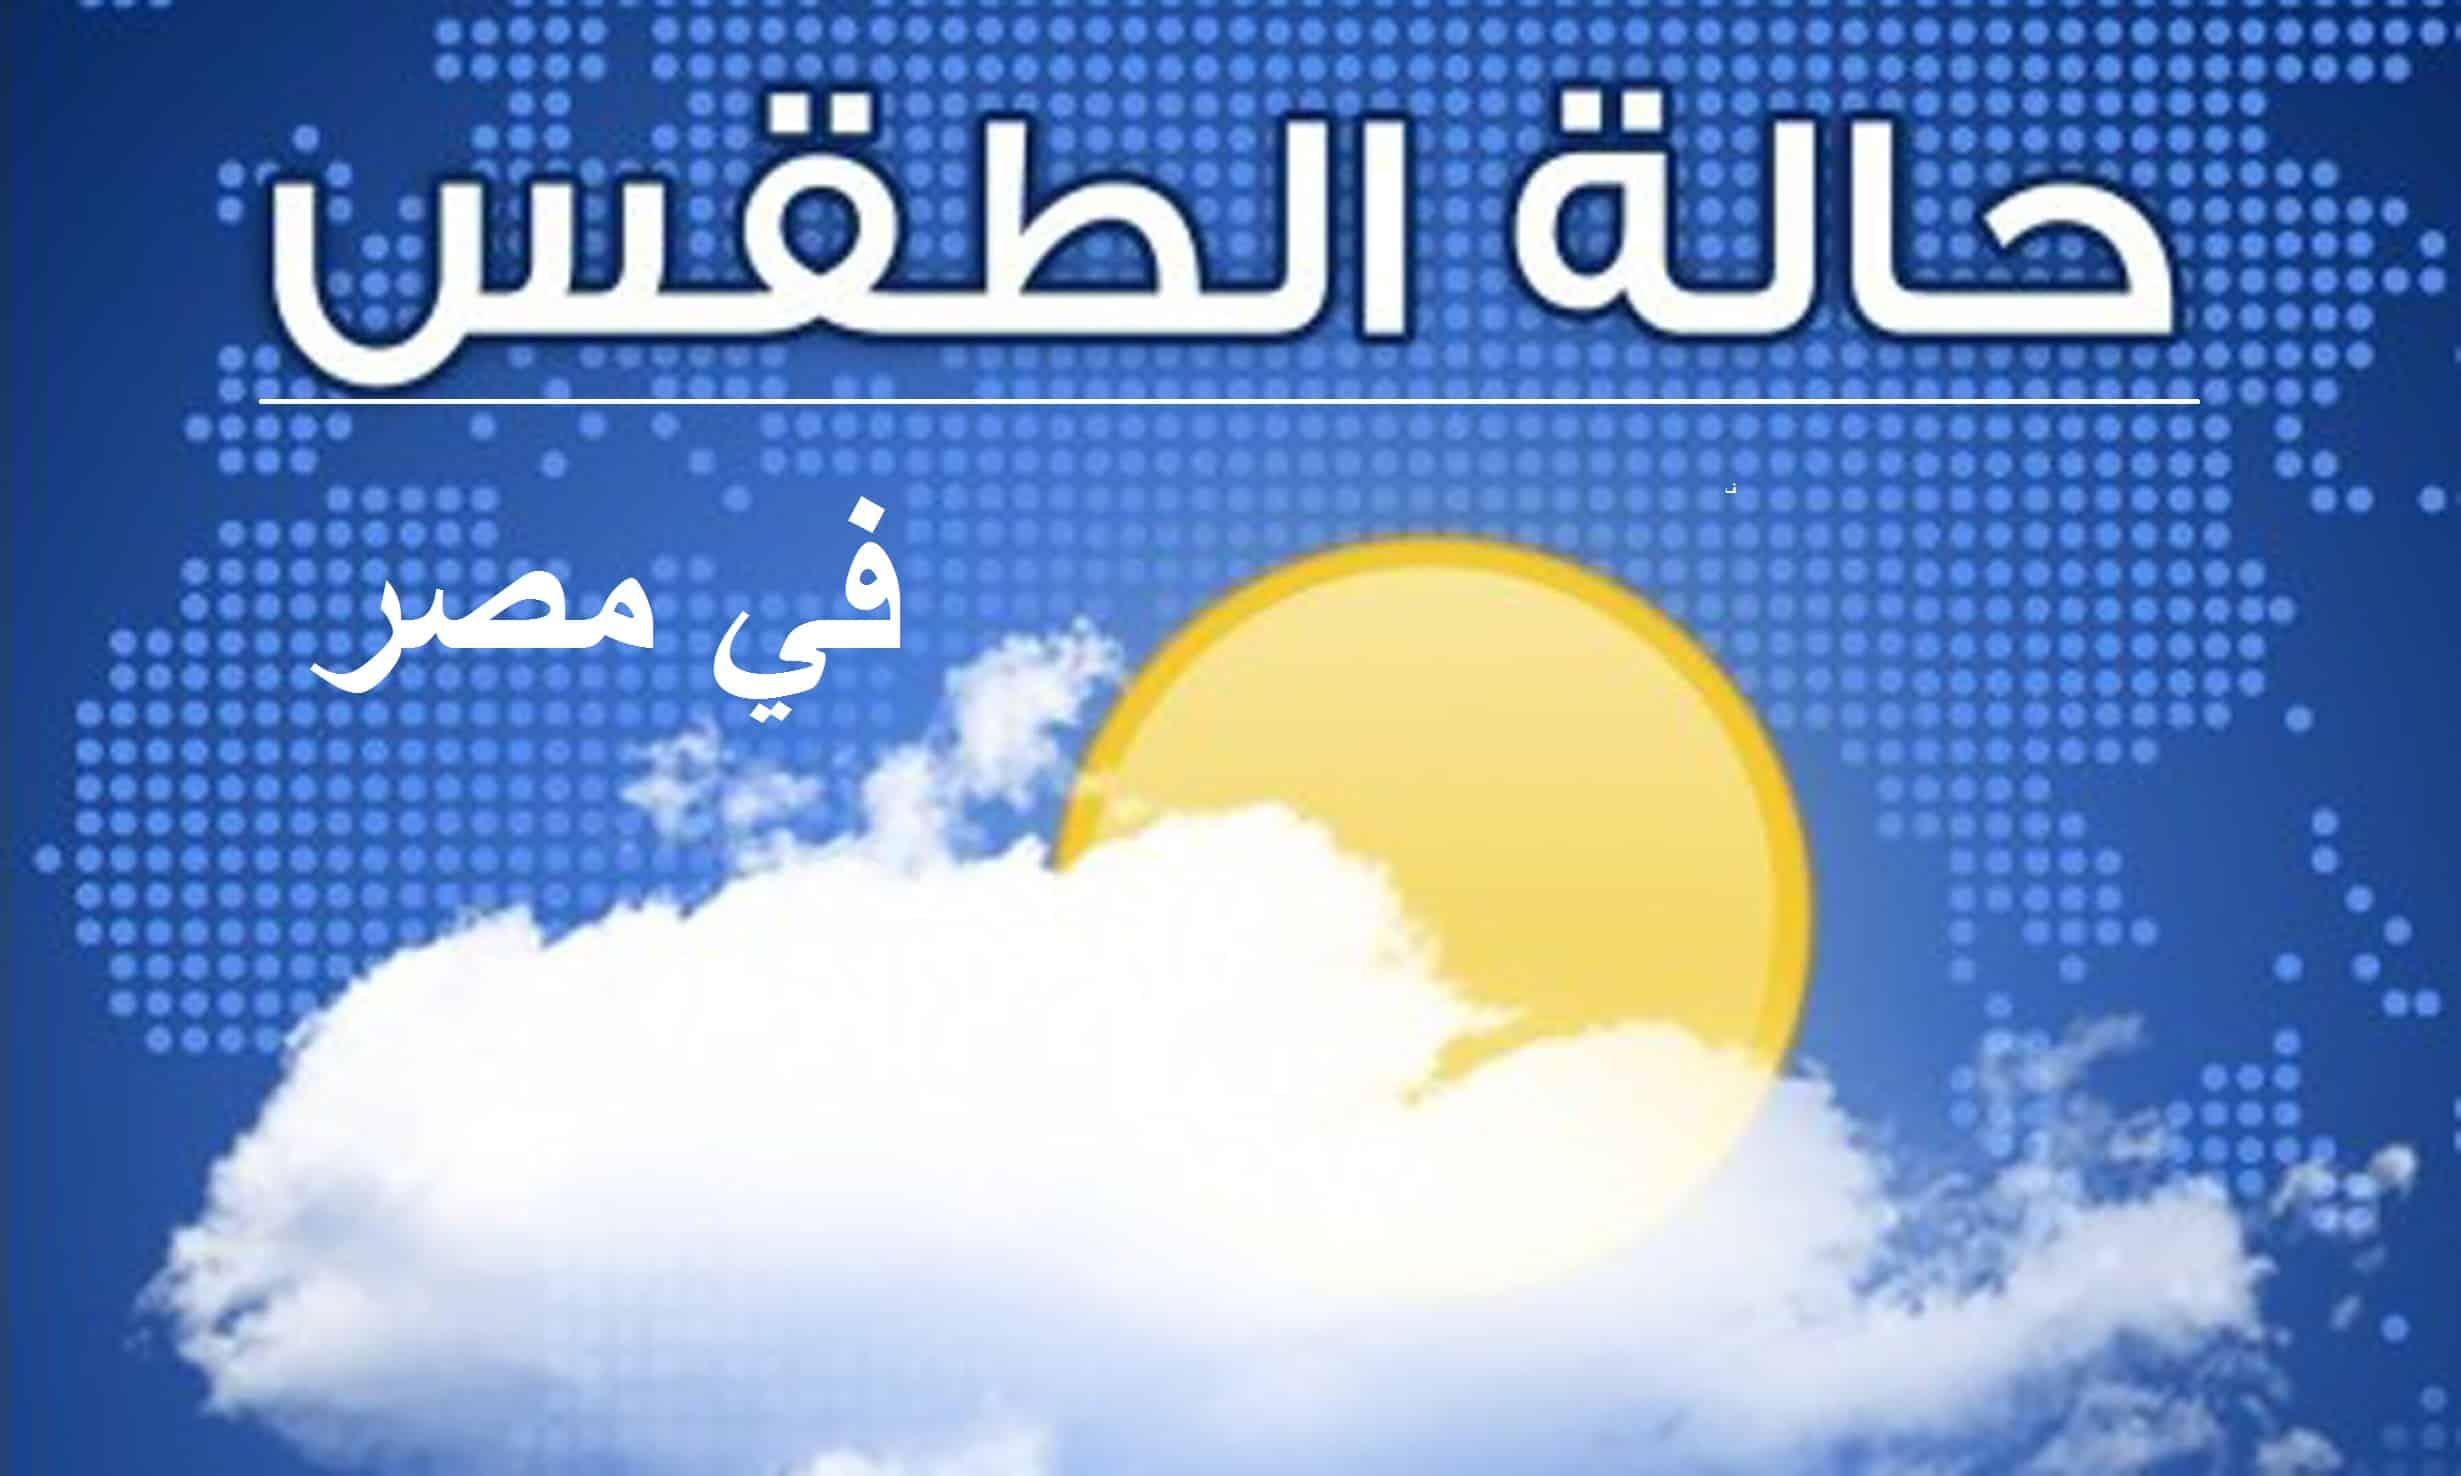 حالة الطقس في محافظات مصر